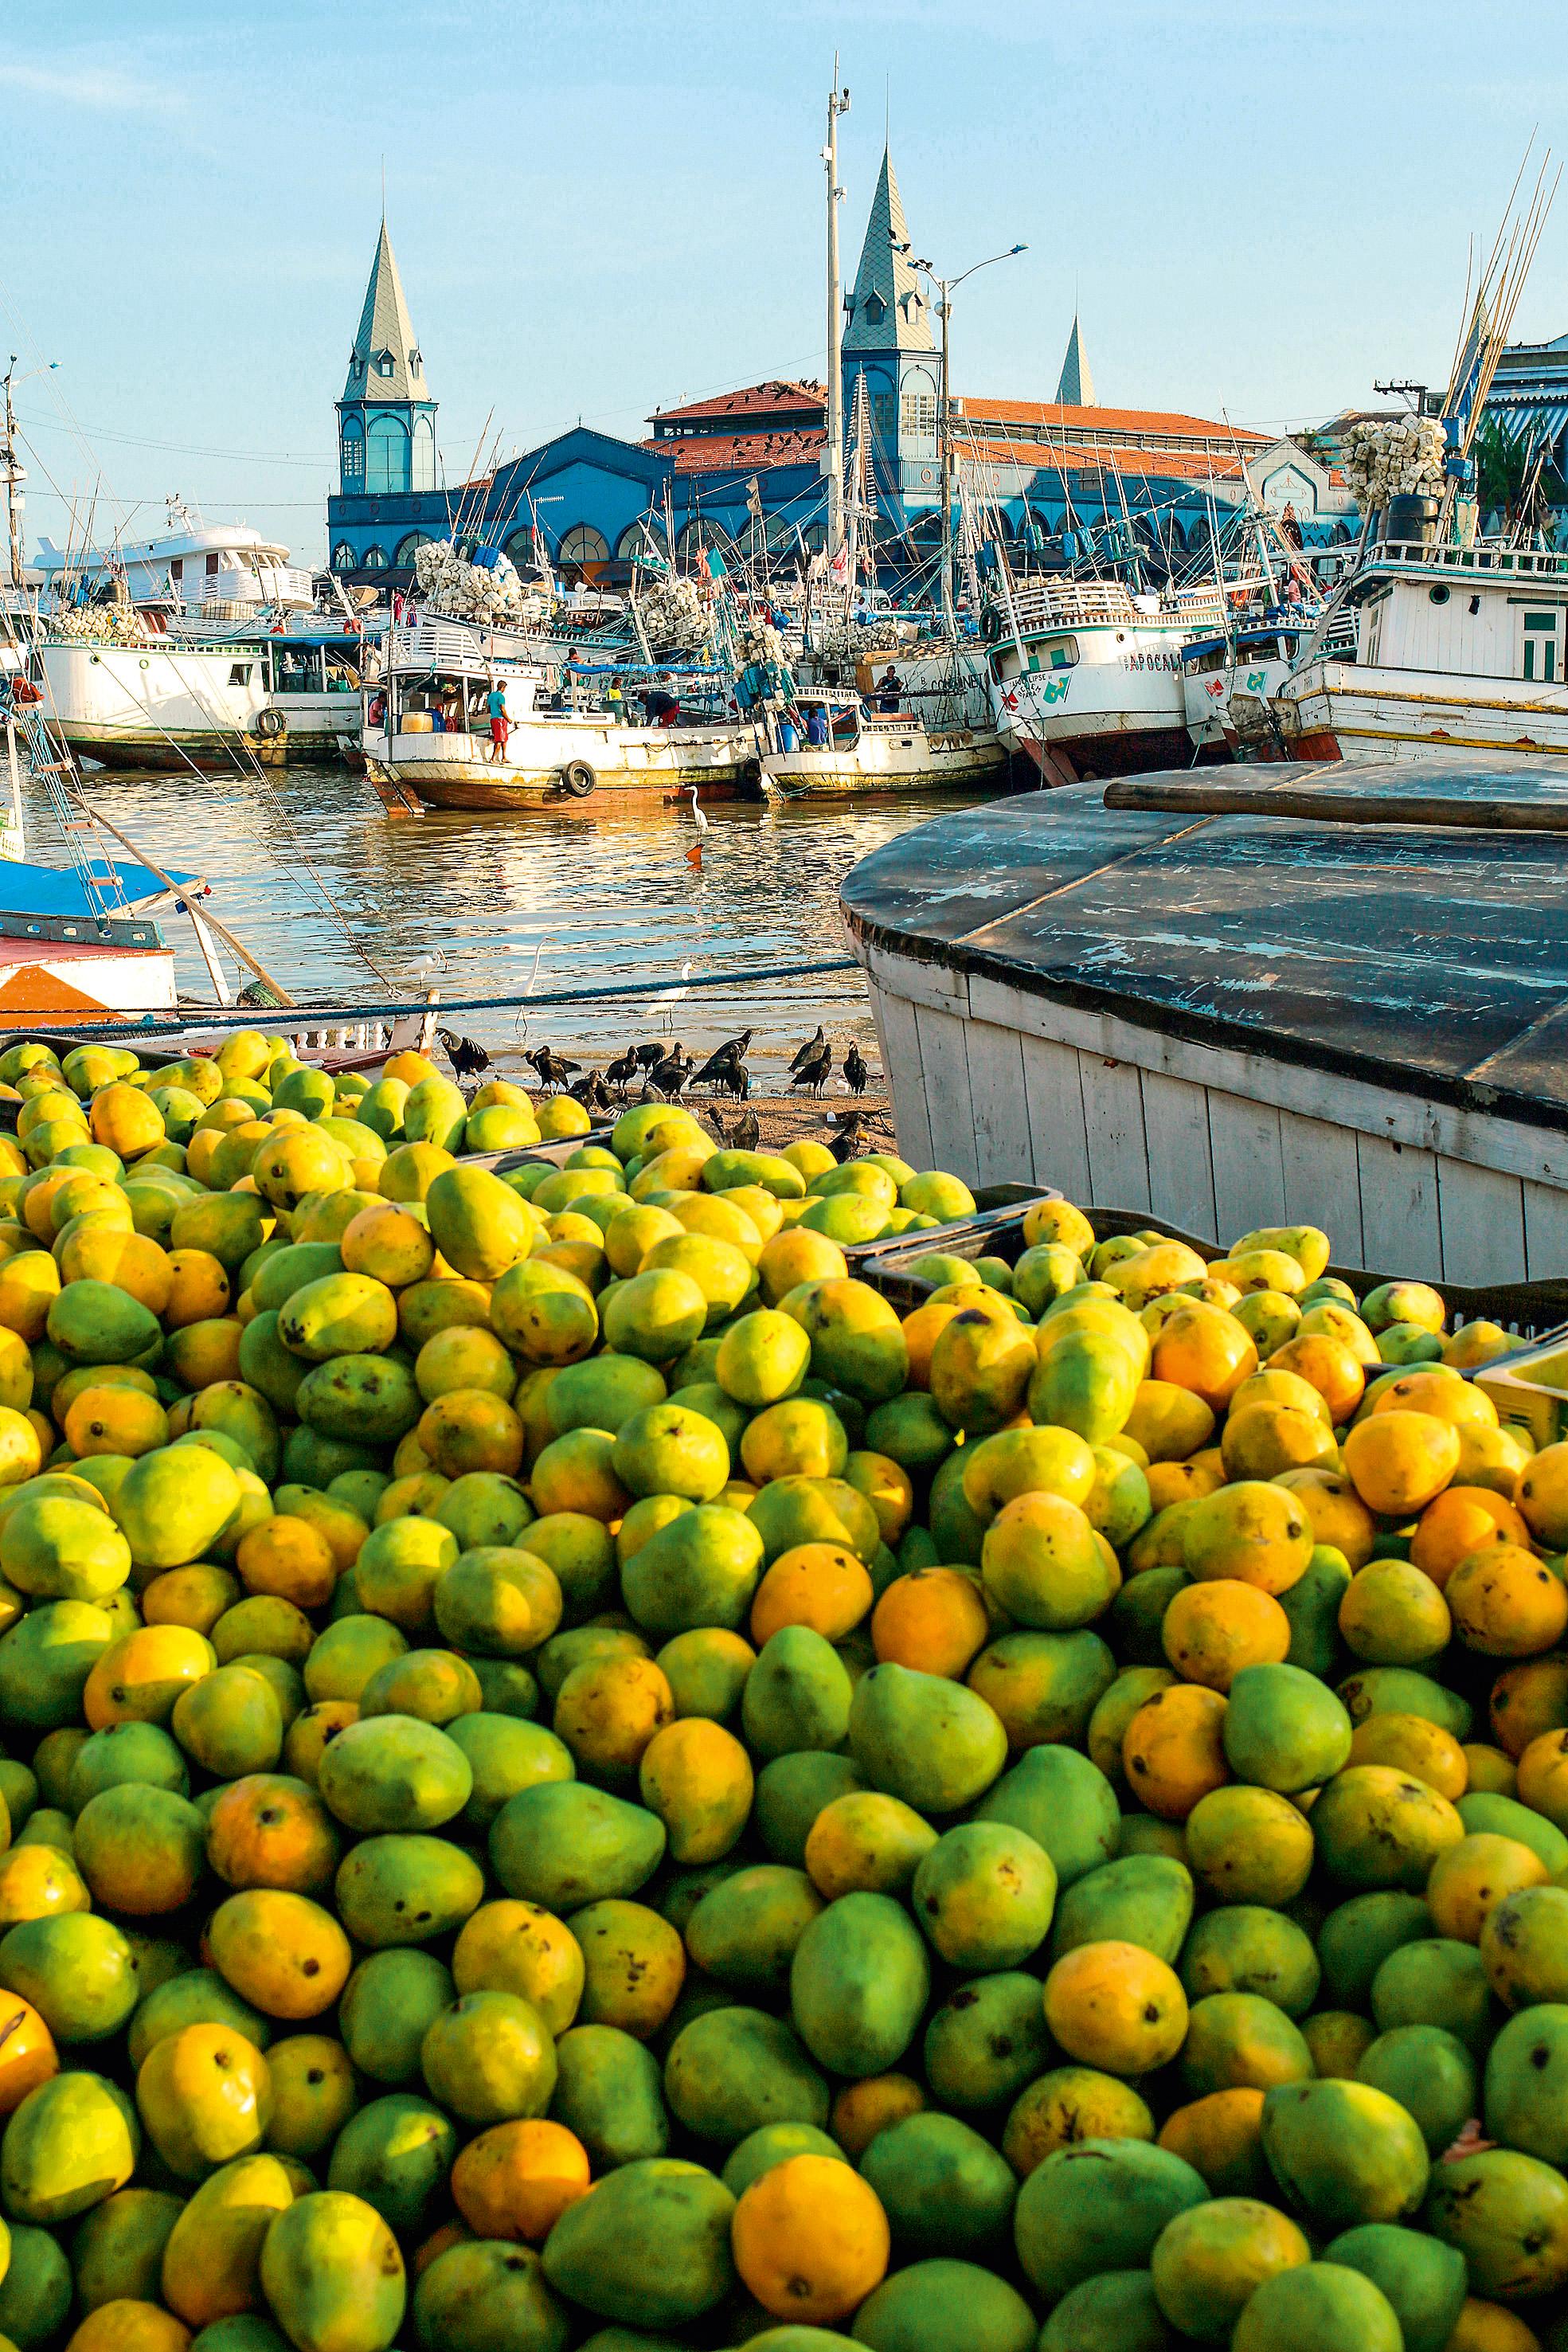 Barcos lotados de frutas e outros produtos atracam no porto de Ver-o-Peso; em primeiro plano, mangas verdes e maduras empilhadas